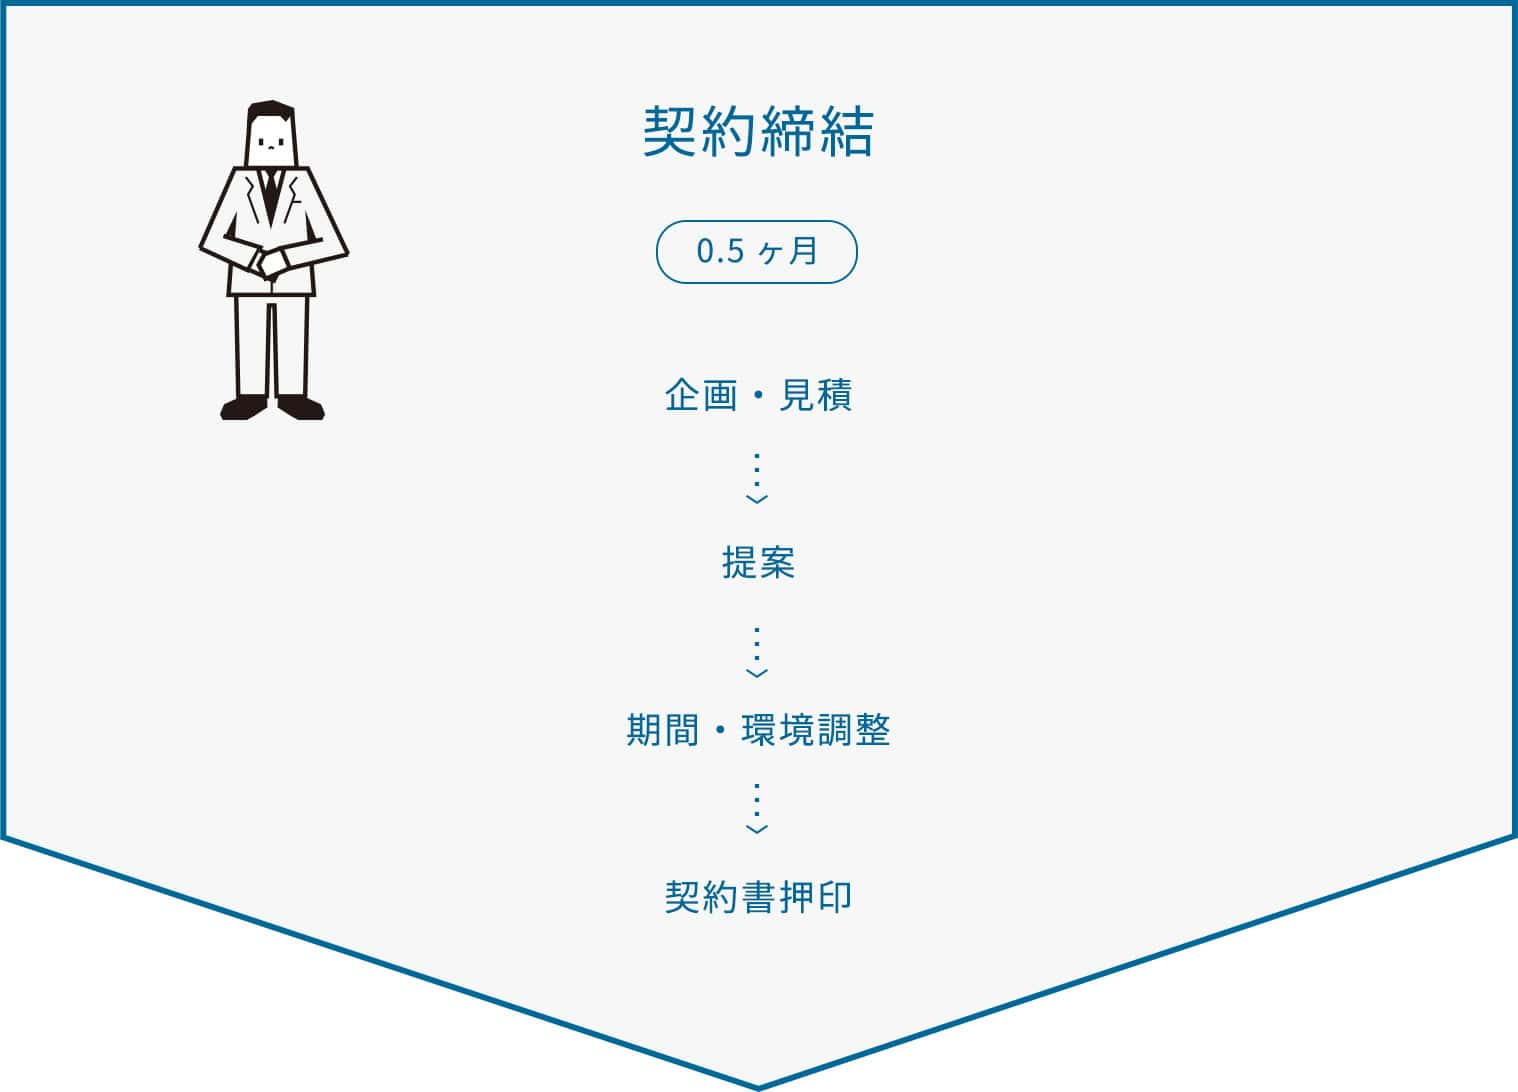 プロジェクト立案、ご契約 / 0.5ヶ月 / プロジェクト期間調整 / 参加メンバーの決定 / お見積書提出 / ご契約締結